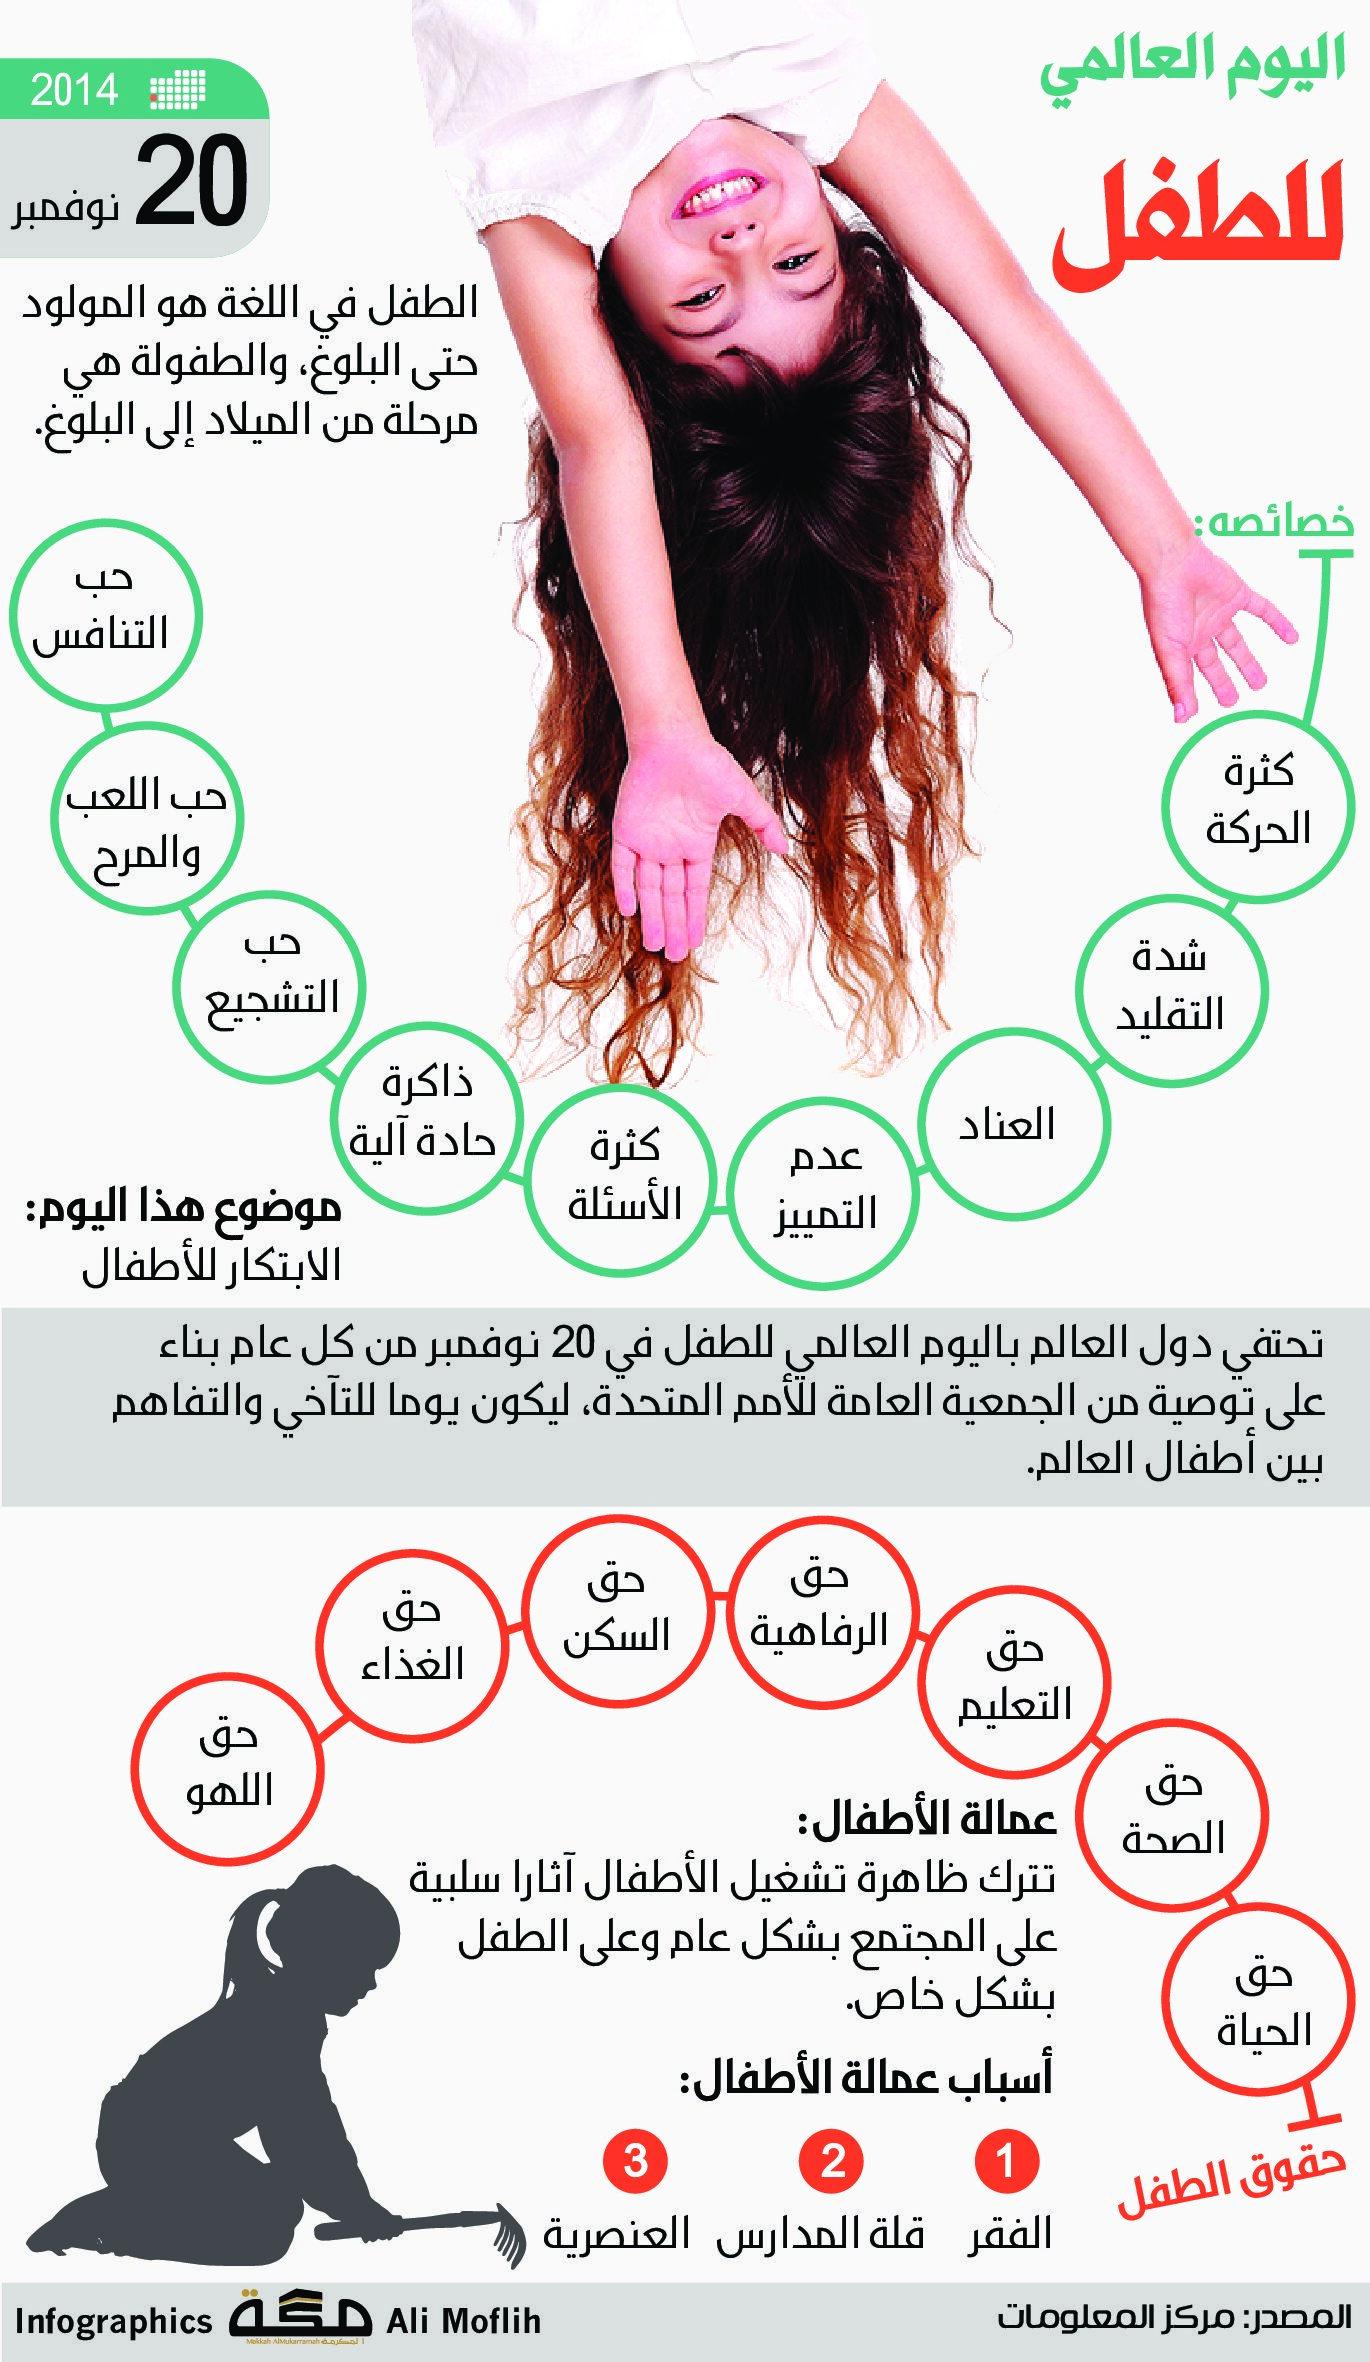 اليوم العالمي للطفل 20 نوفمبر صحيفةـمكة انفوجرافيك الأيام العالمية Pics Infographic Makkah